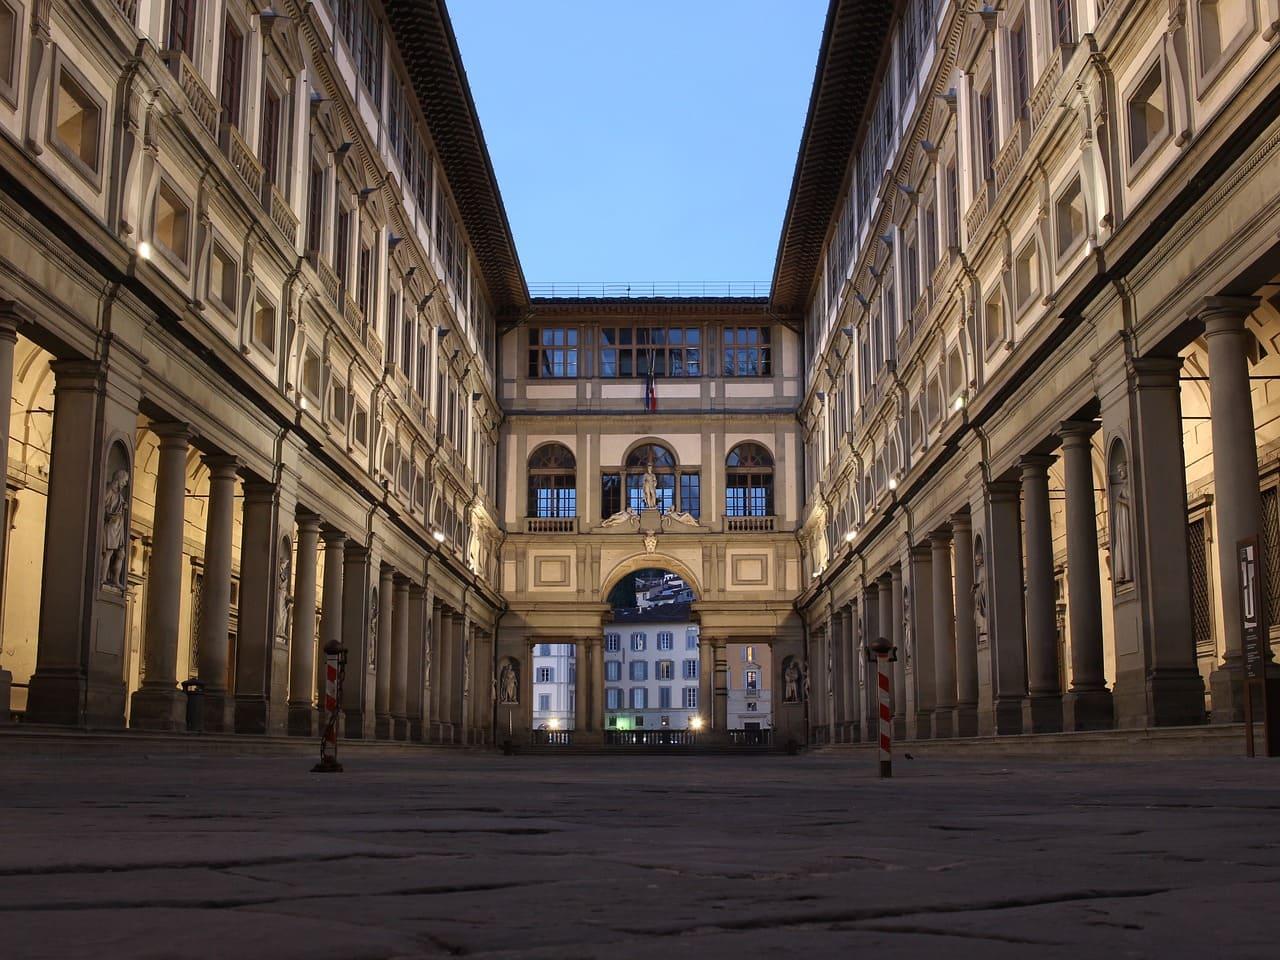 Cómo visitar la Galería Uffizi de Florencia: Horarios y precios de entrada